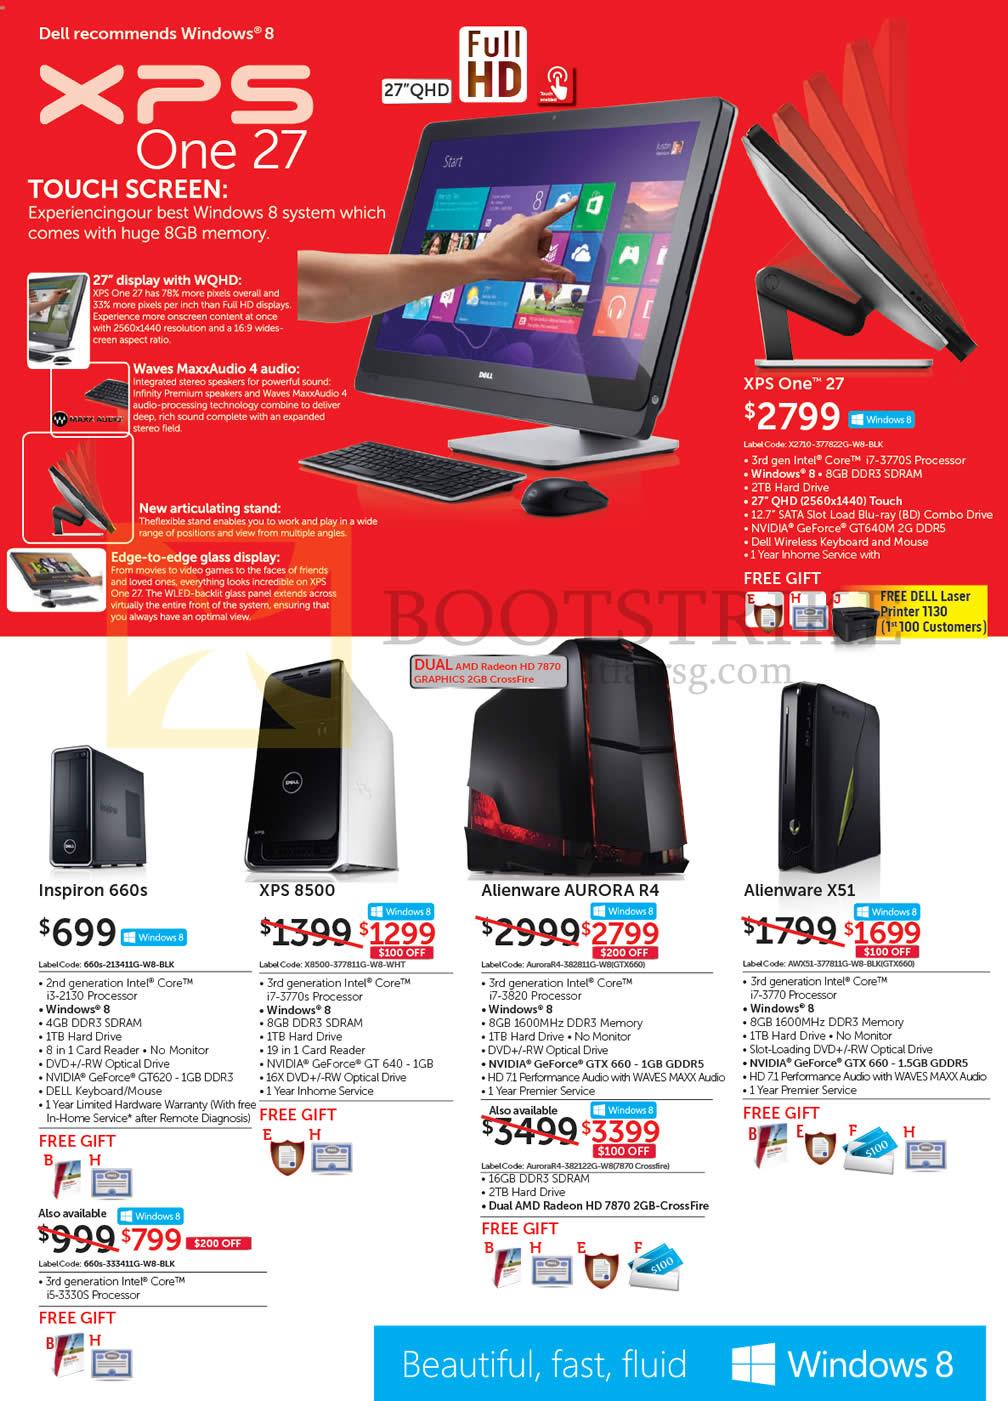 Dell Desktop PCs, XPS One 27, Inspiron 660s, XPS 8500